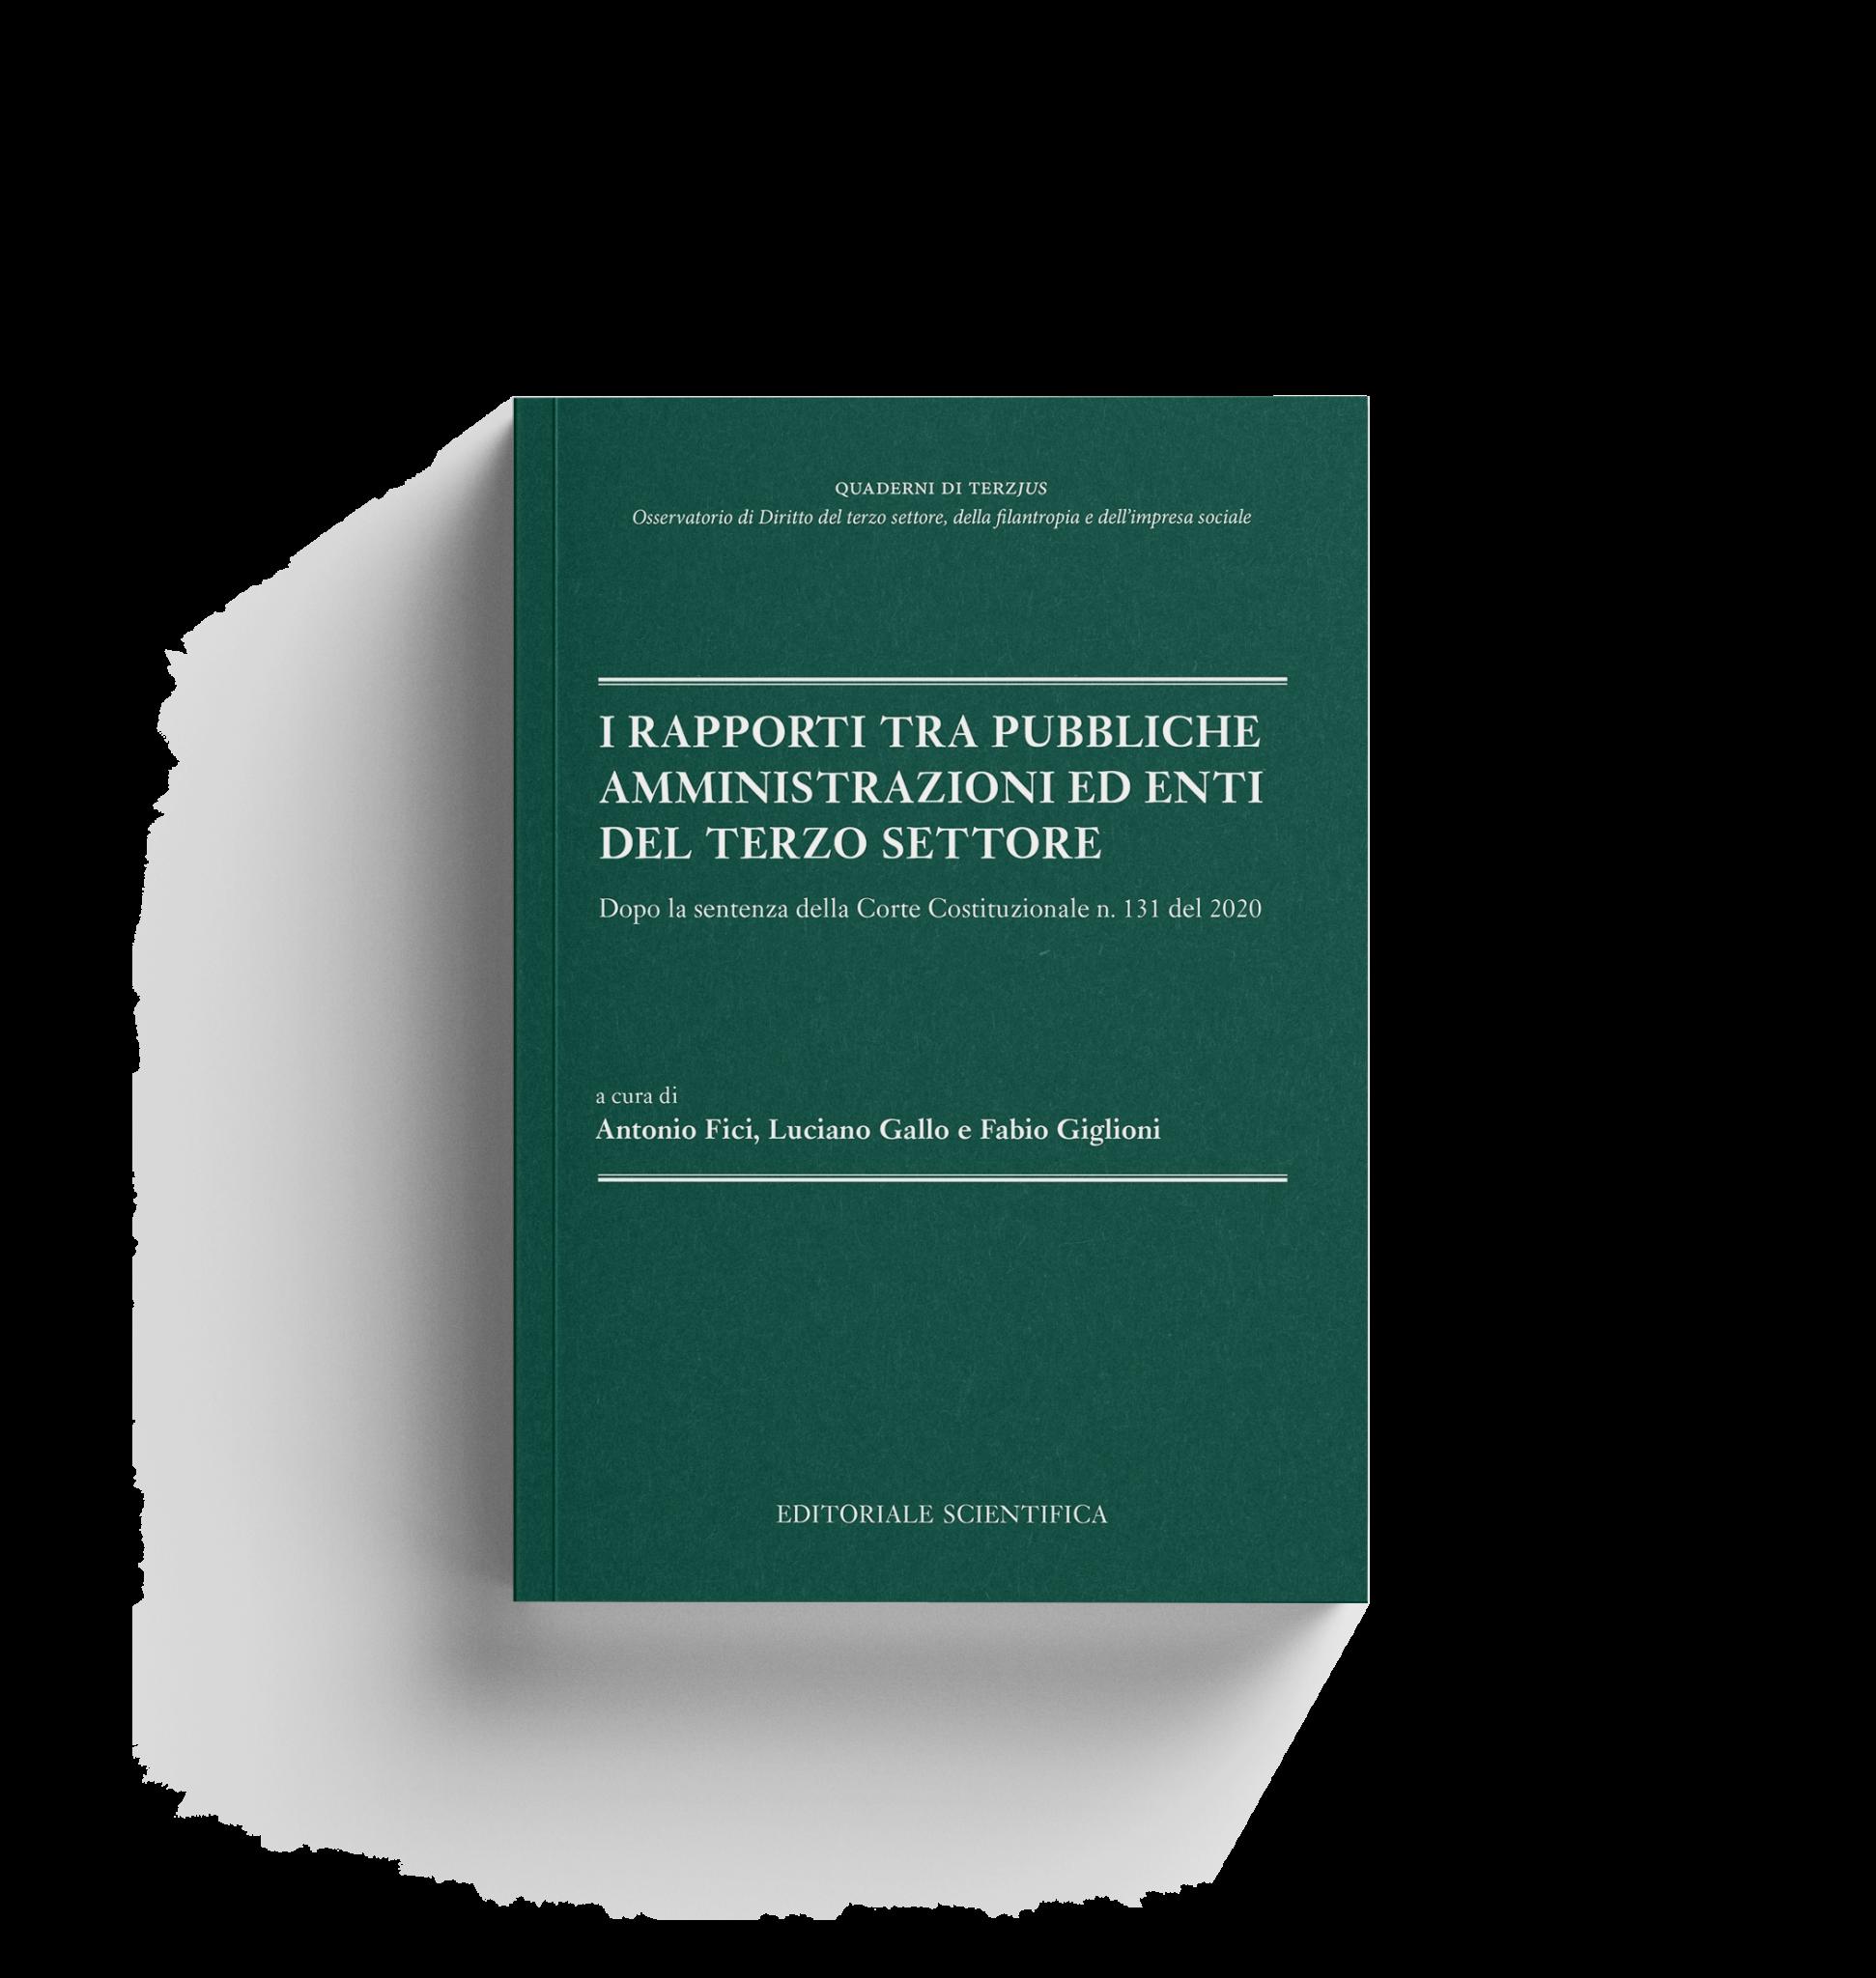 """""""Promuovere i beni comuni: verso l'amministrazione condivisa"""", mercoledì 9 dicembre ore 18"""